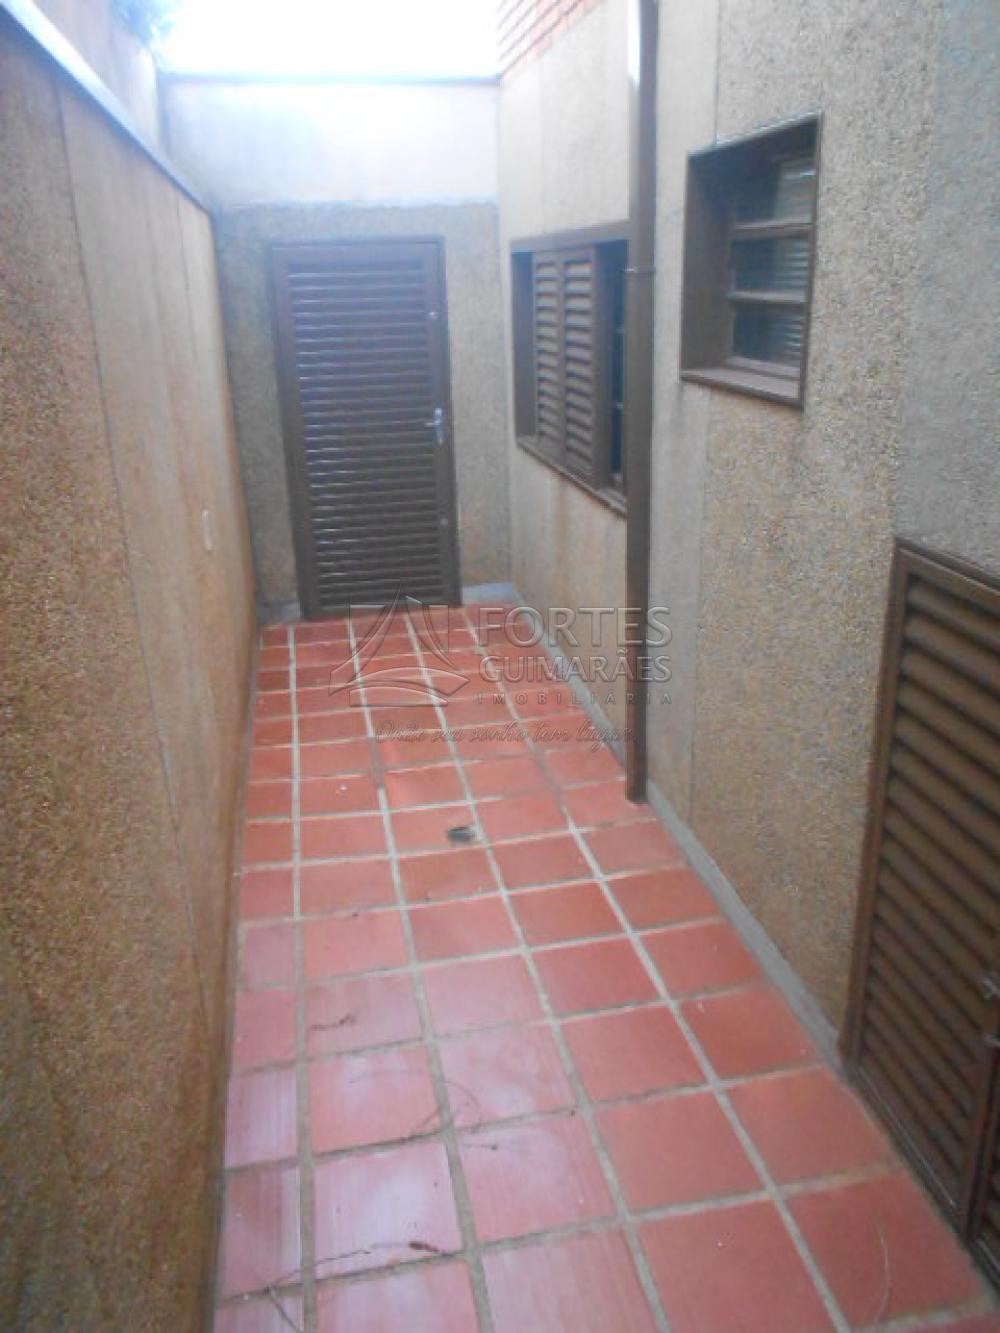 Alugar Casas / Padrão em Ribeirão Preto apenas R$ 2.500,00 - Foto 70